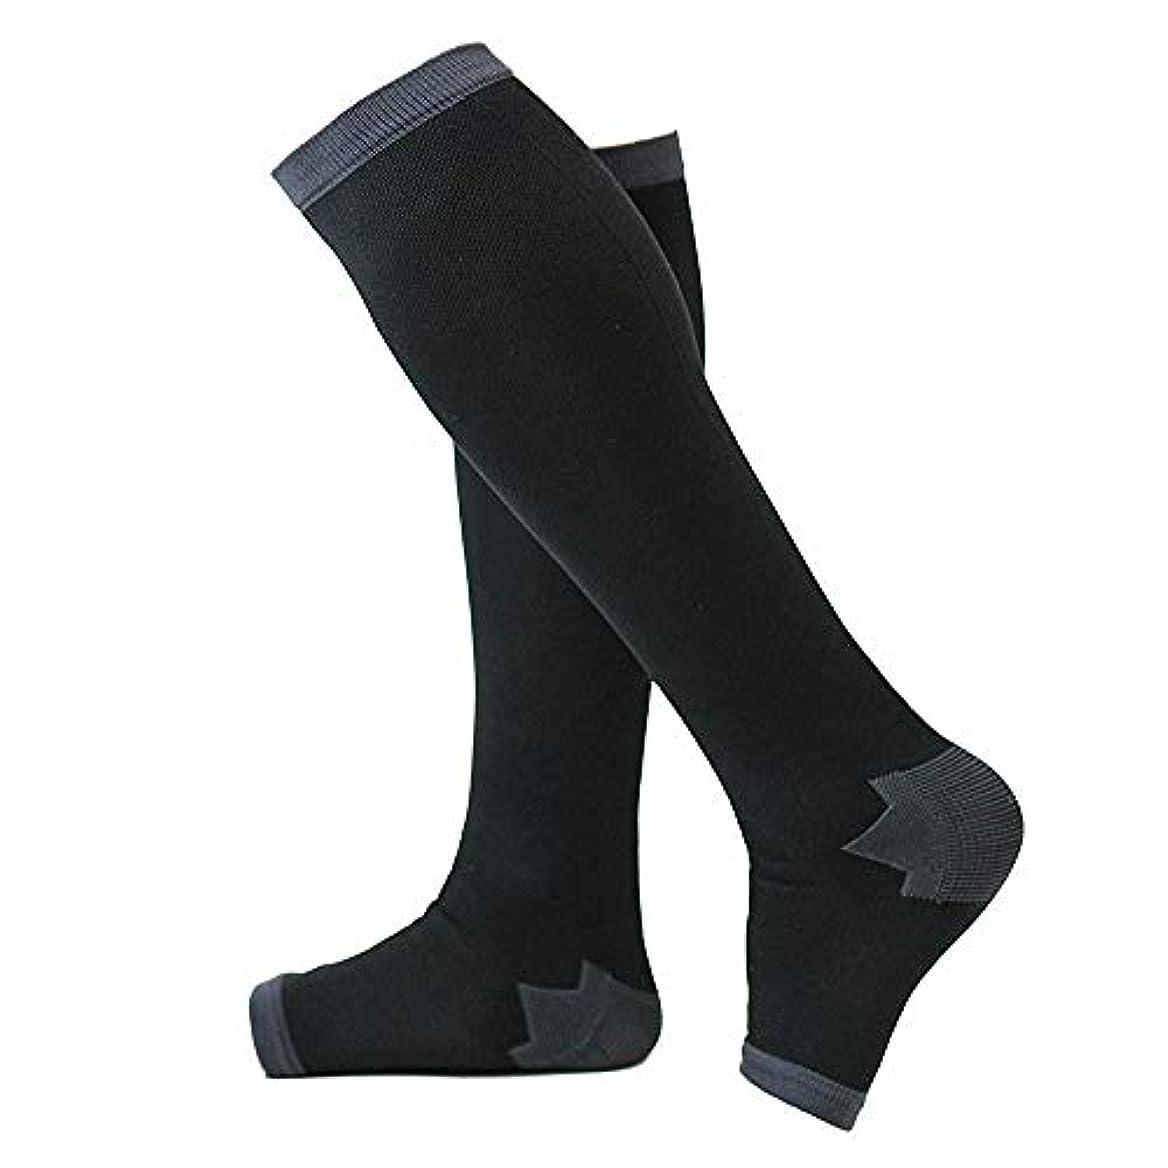 芝生共感する雄弁冷え性対策 男性専用脚すっきり対策オープントゥ着圧ソックス 膝下 M-L